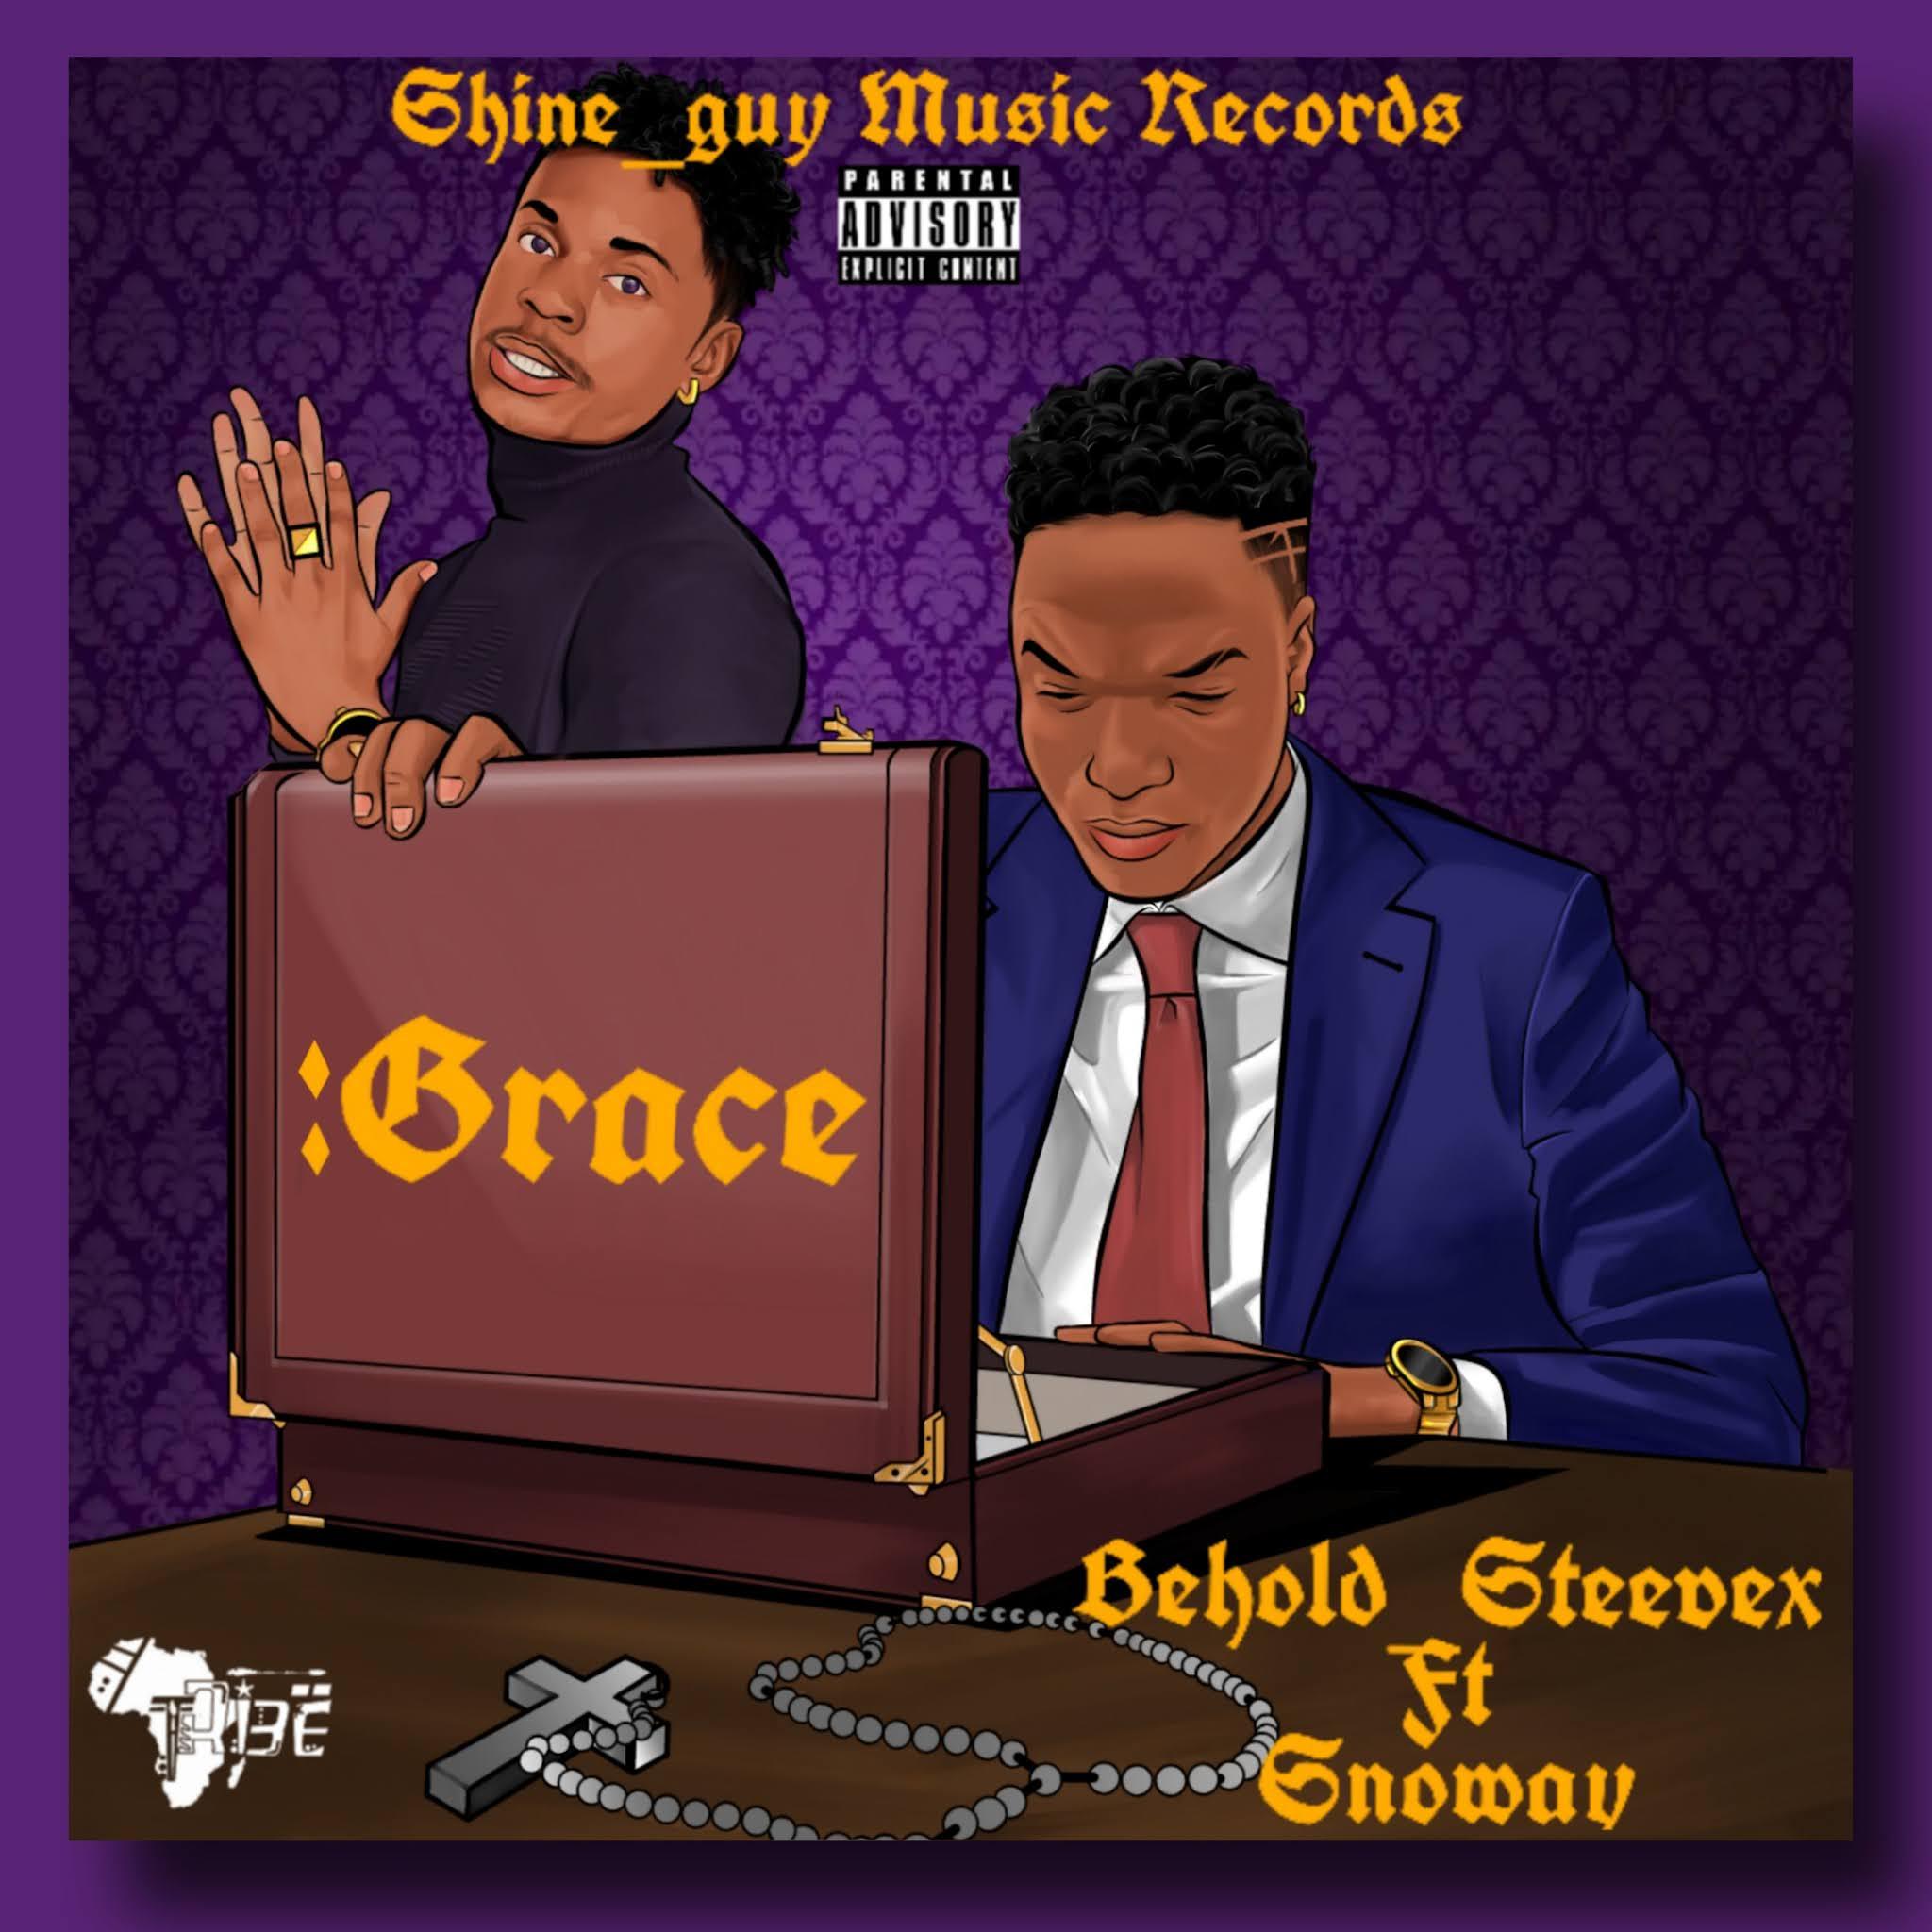 [Music] Behold Steevex ft Snowav - Grace